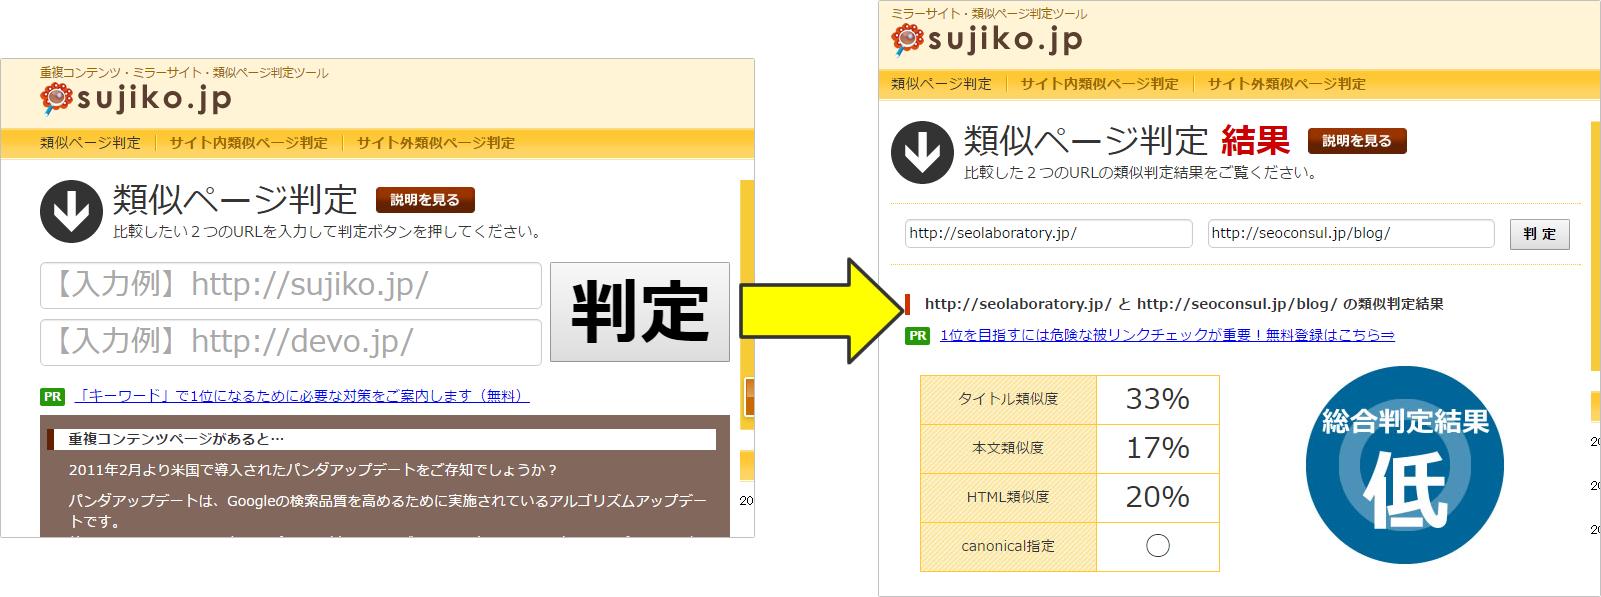 ミラーサイト・類似ページ判定ツール「sujiko.jp」を使う